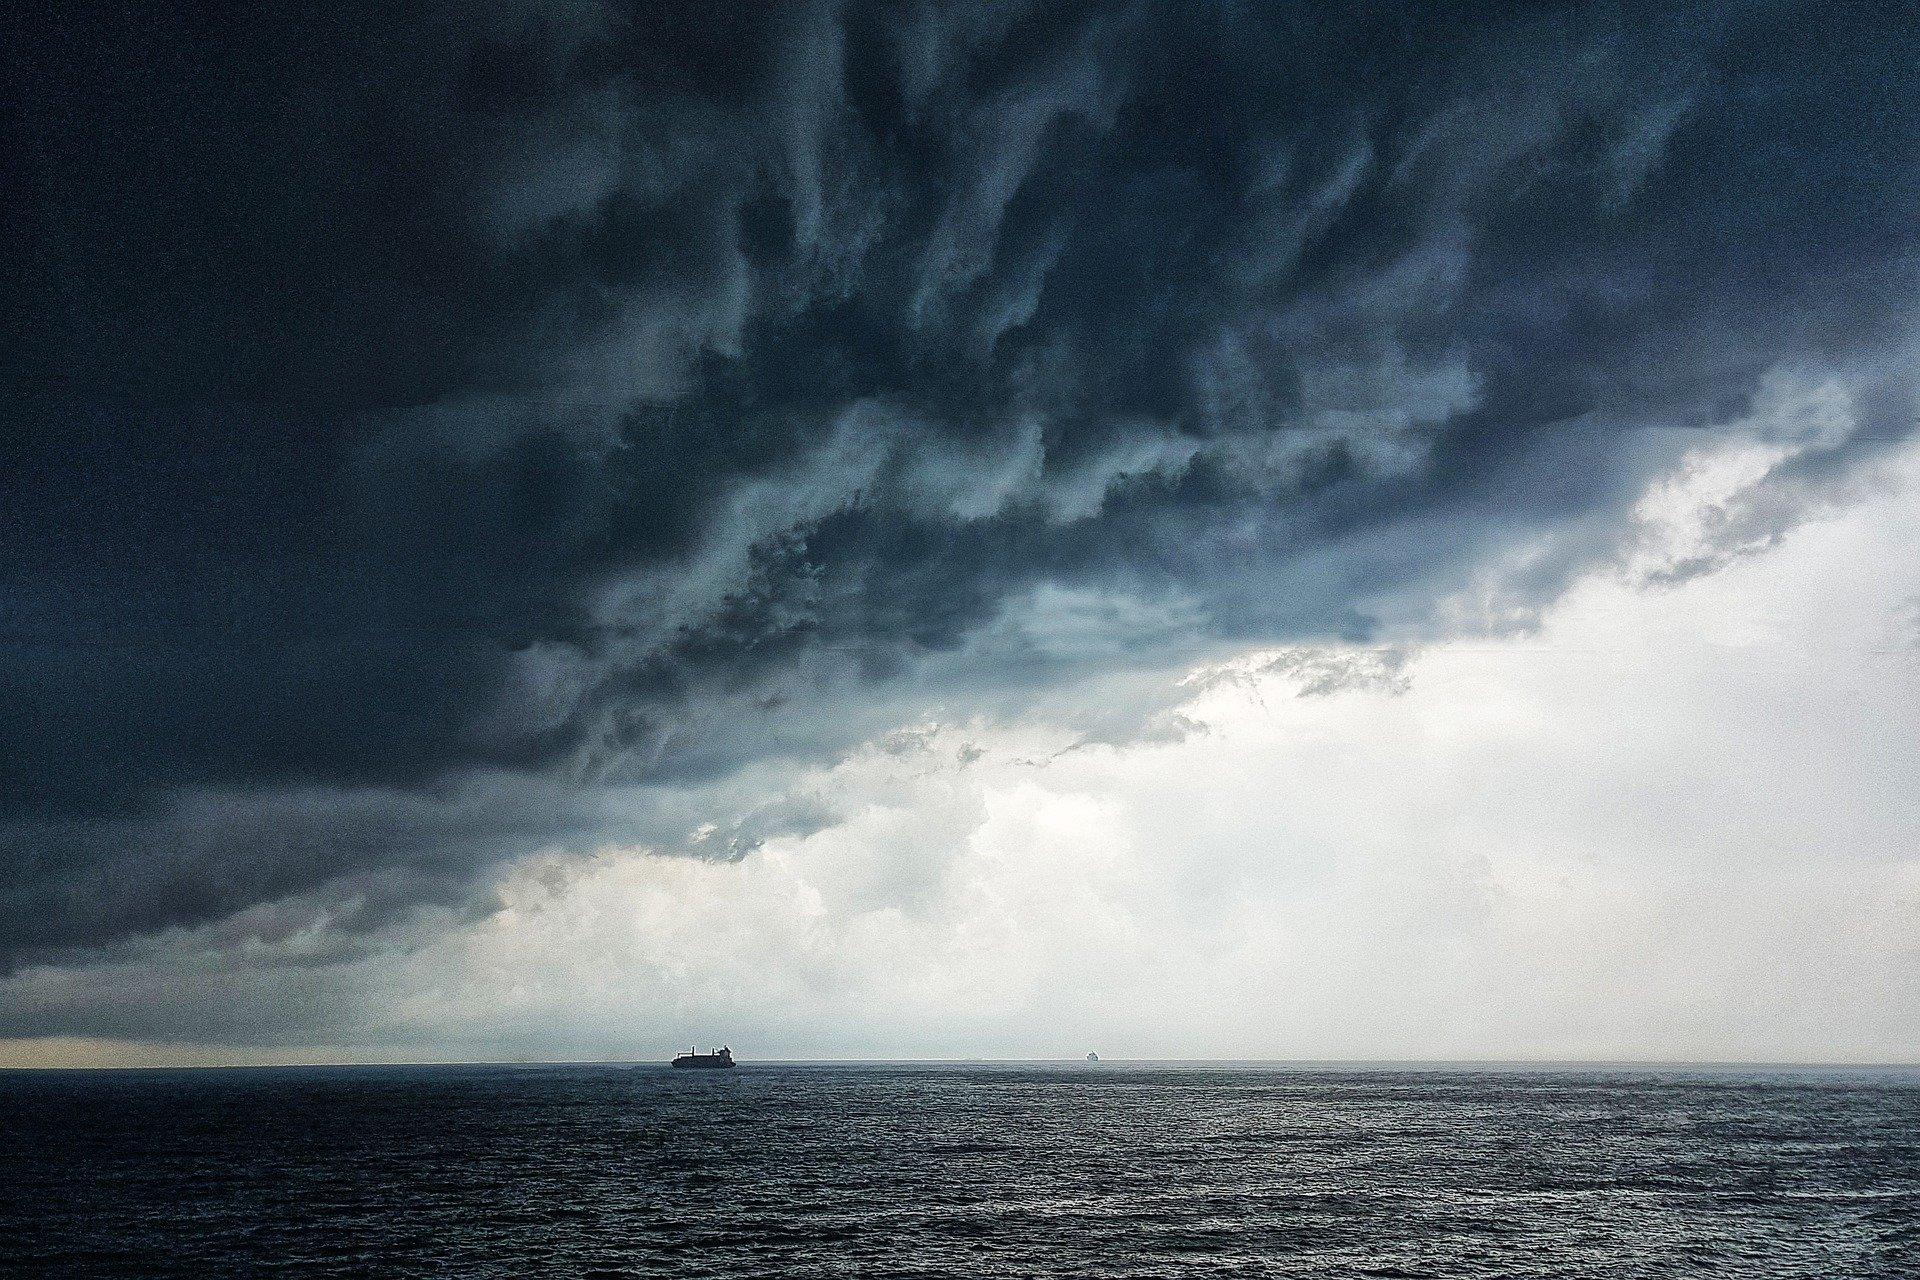 «Это открытая и спланированная провокация»: Военный эксперт прокомментировал инцидент с британским эсминцем в Чёрном море